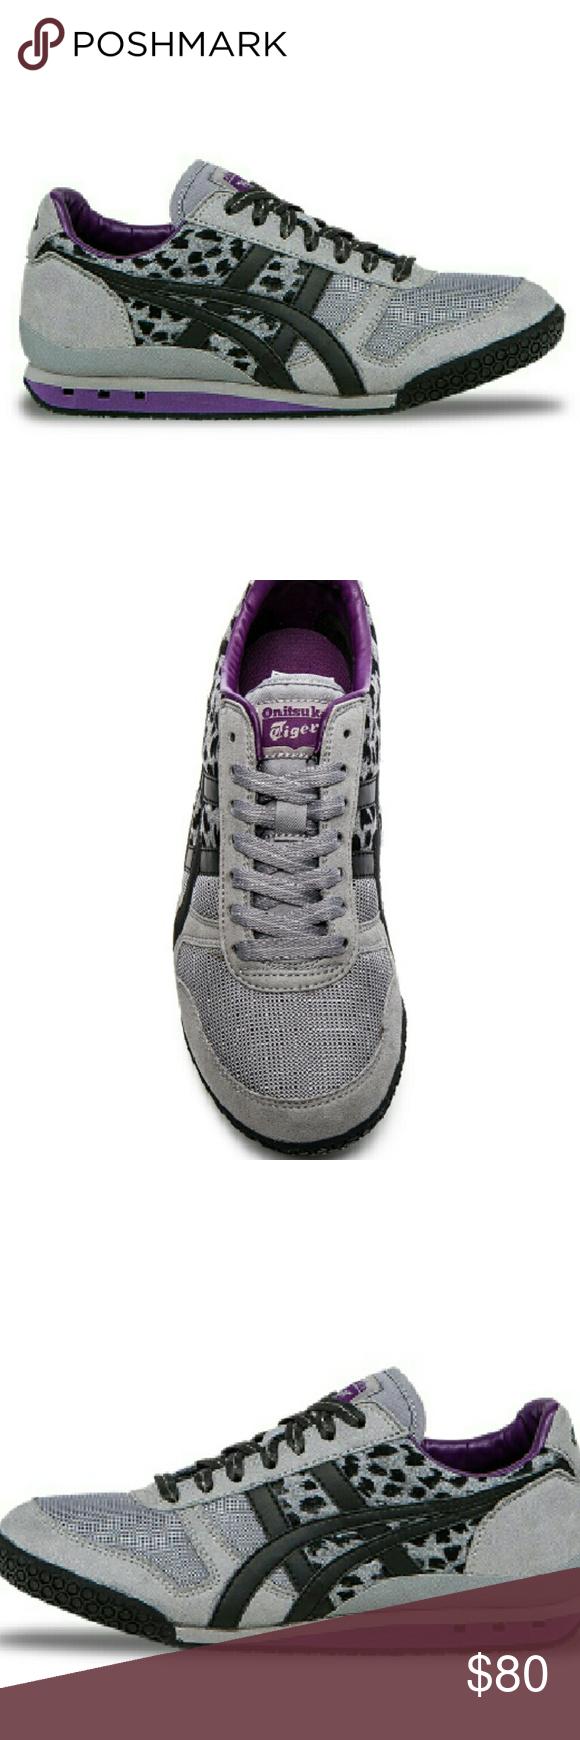 nouveau) Asics course chaussures* ultimes Asics.* nouvelles* chaussures de course Asics. 980a93b - vendingmatic.info